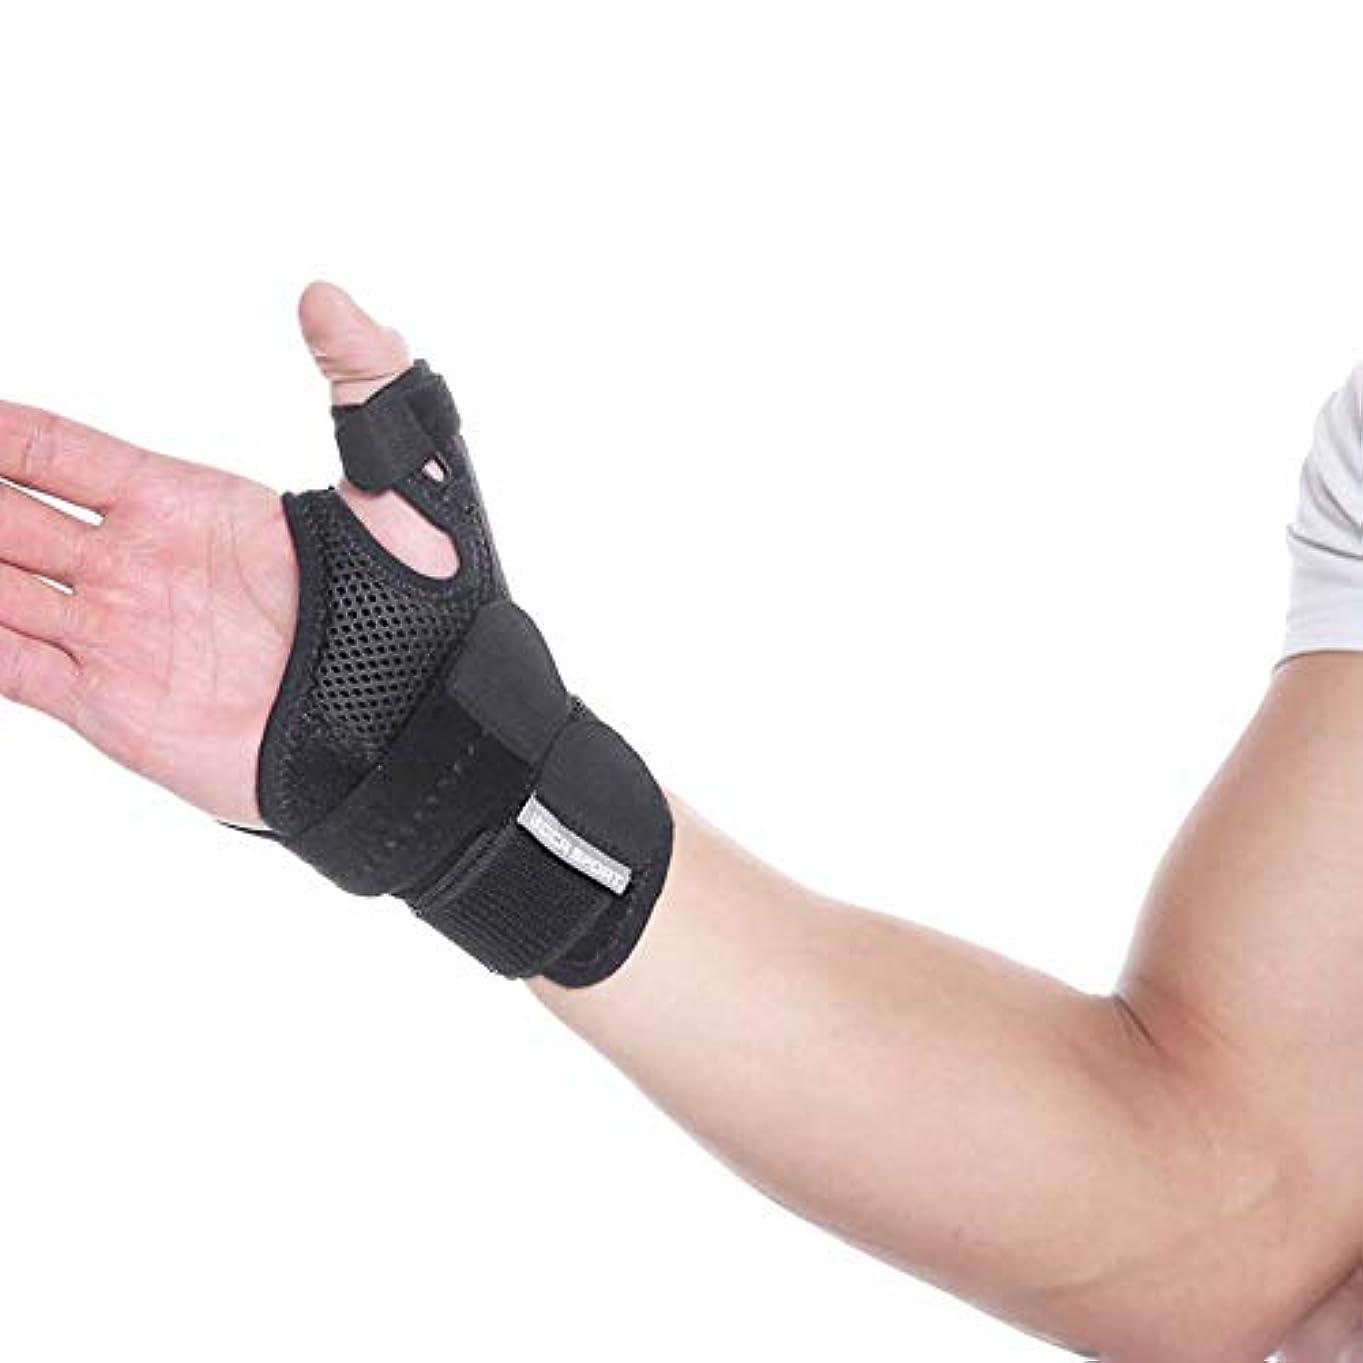 重要性費用誤解させる関節炎サムスプリント - 痛み、捻挫、株、関節炎、手根管&トリガー親指固定用親指スピカサポートブレース - リストストラップ